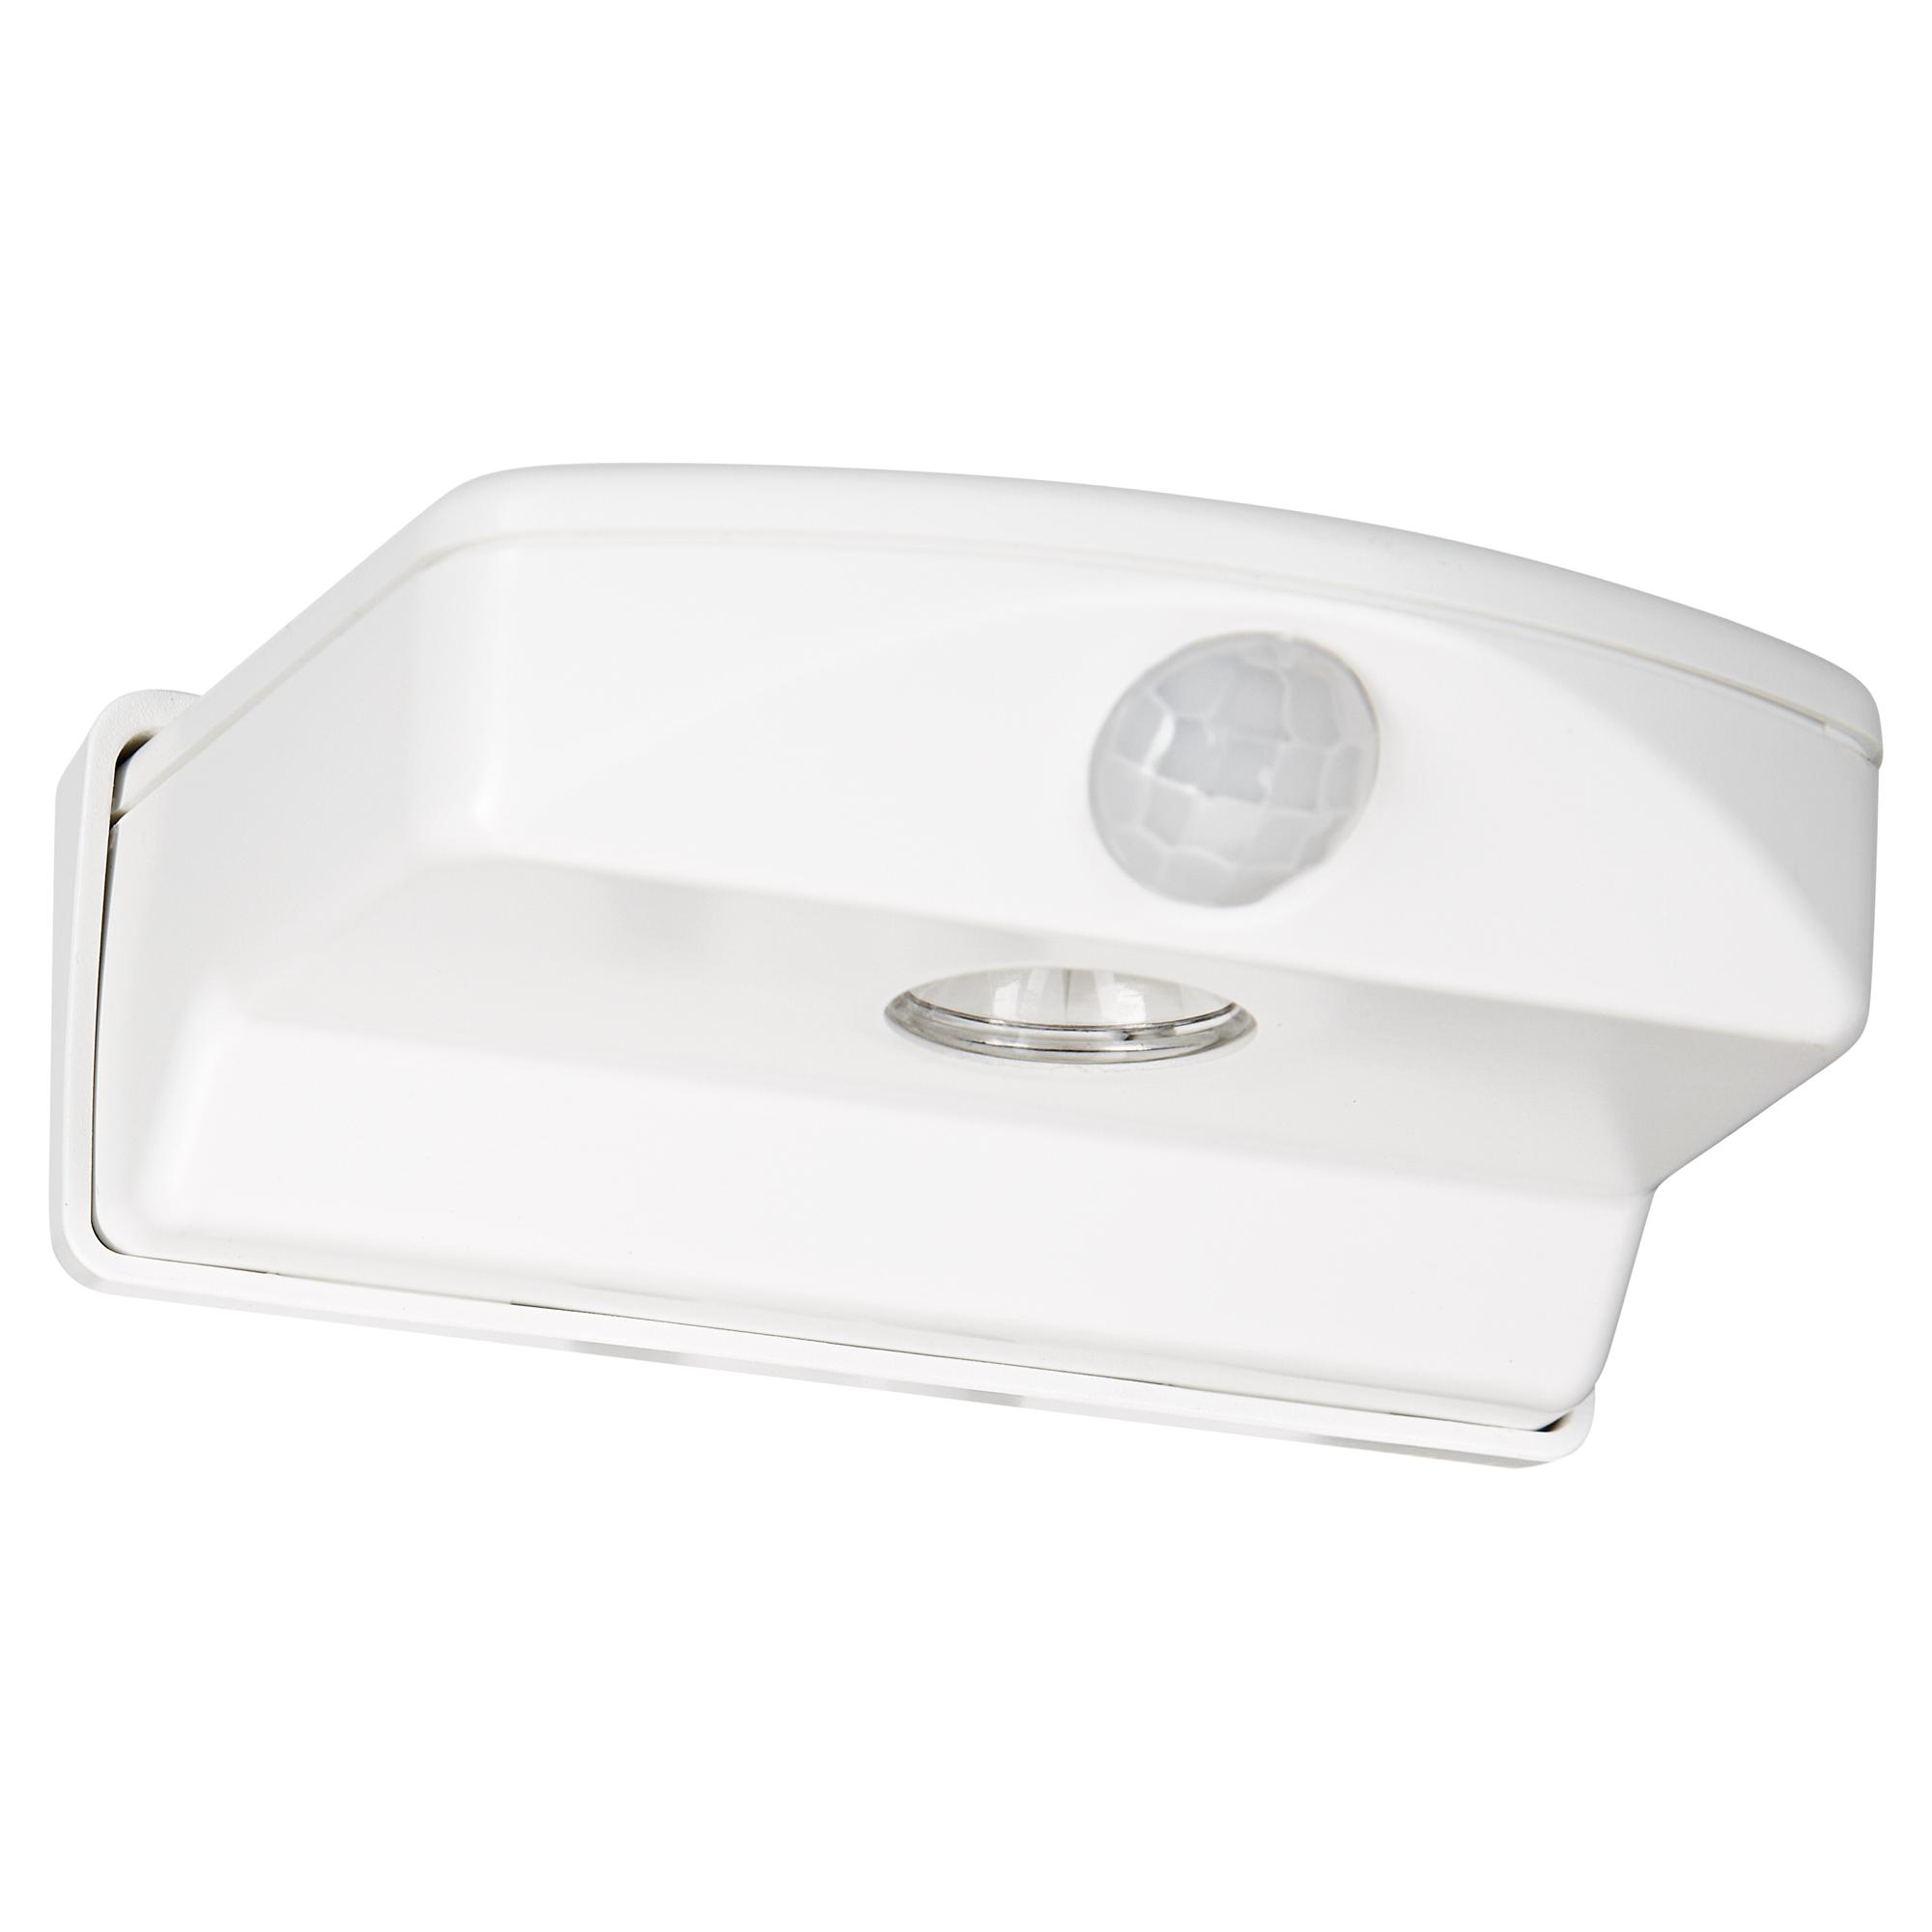 LED-Türlicht mit Lichtsensor und Bewegungsmelder